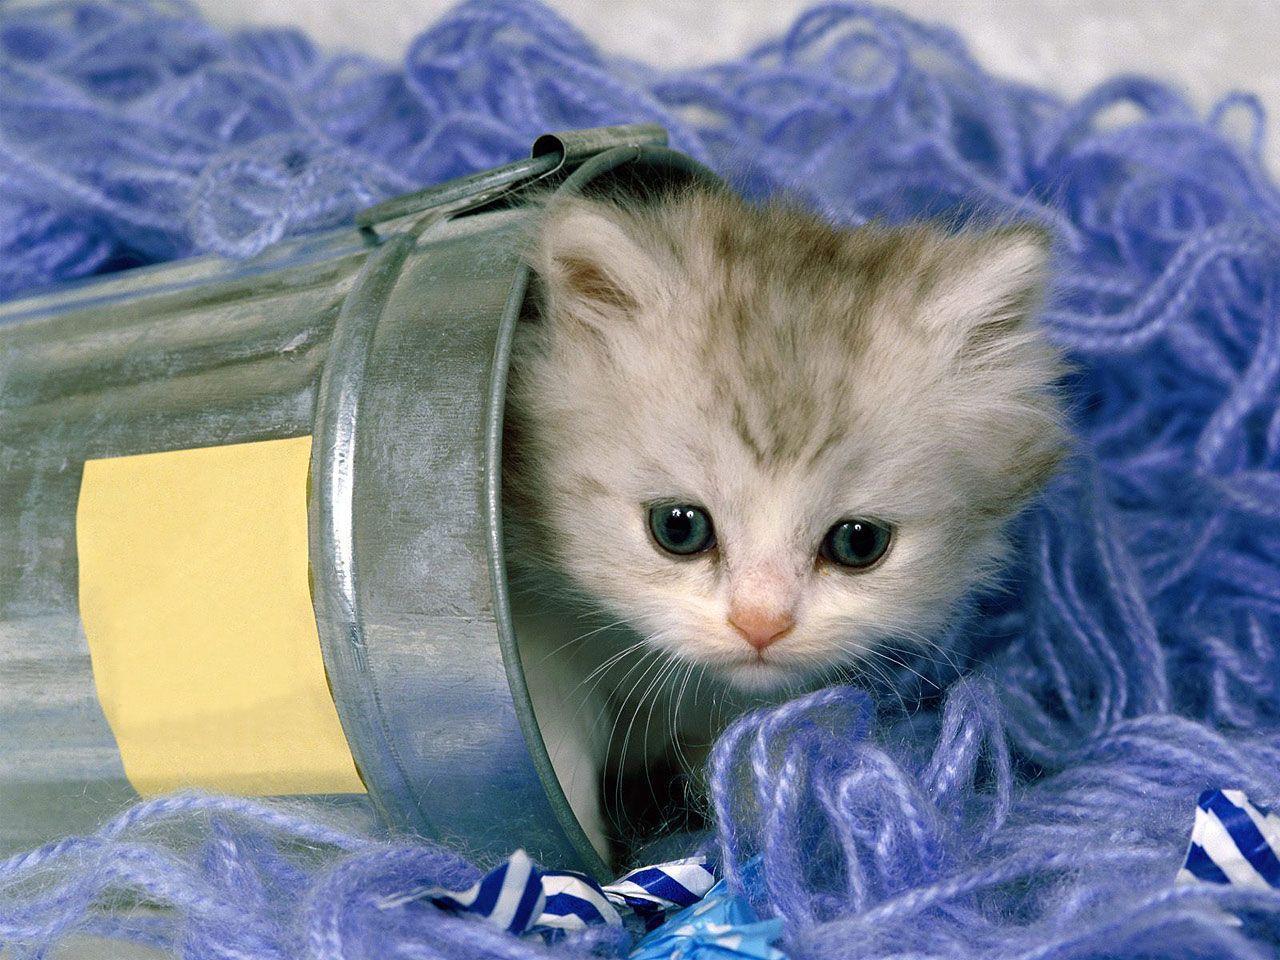 Hình nền mèo 1280x960 - Thư viện hình nền động vật mèo dễ thương